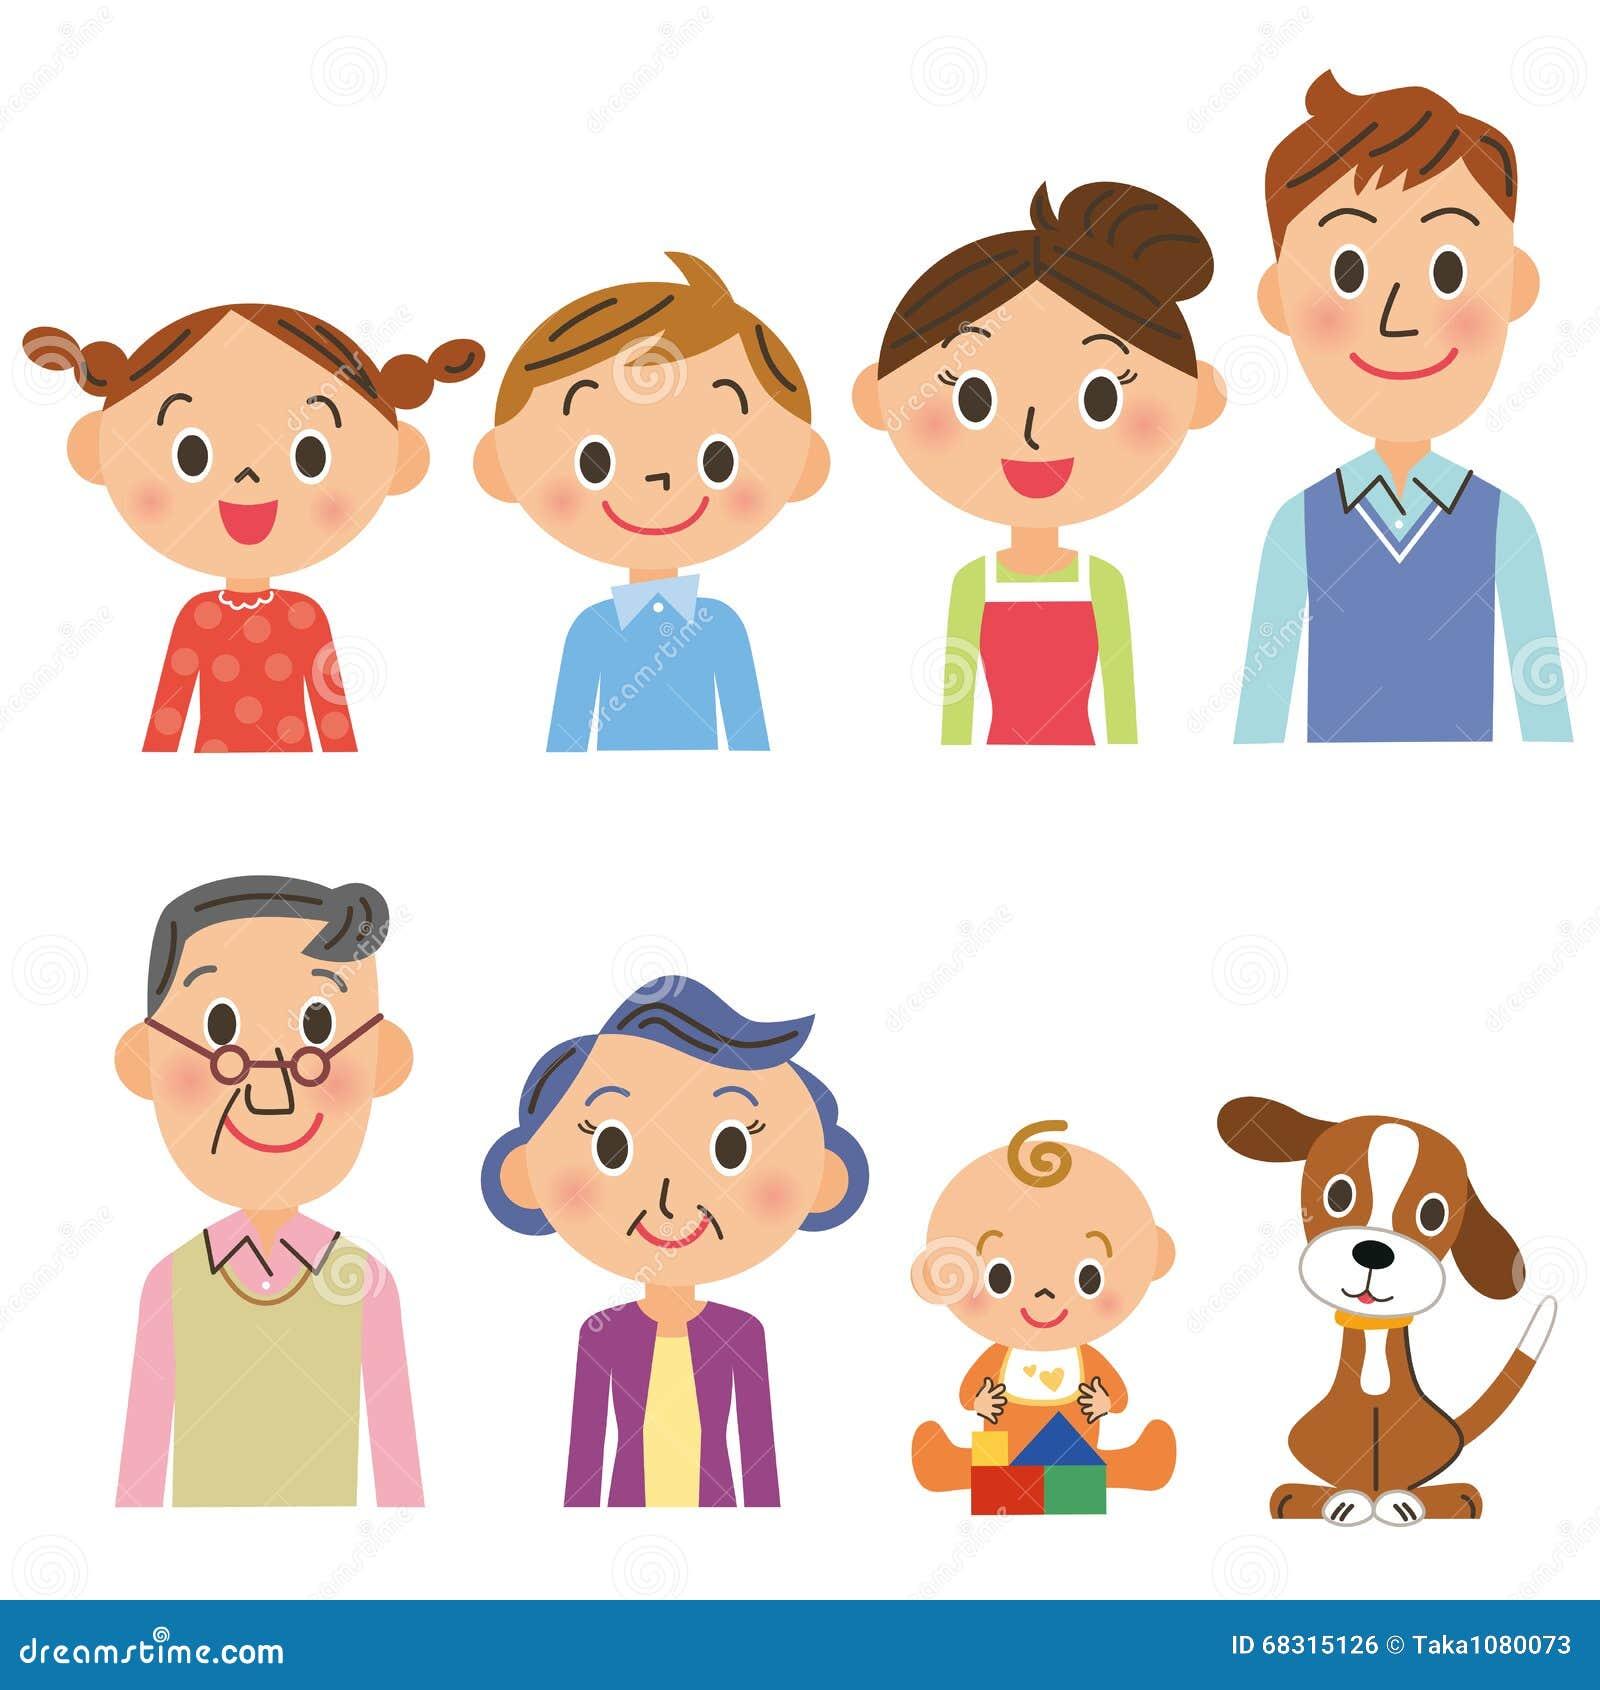 Three-generation family set